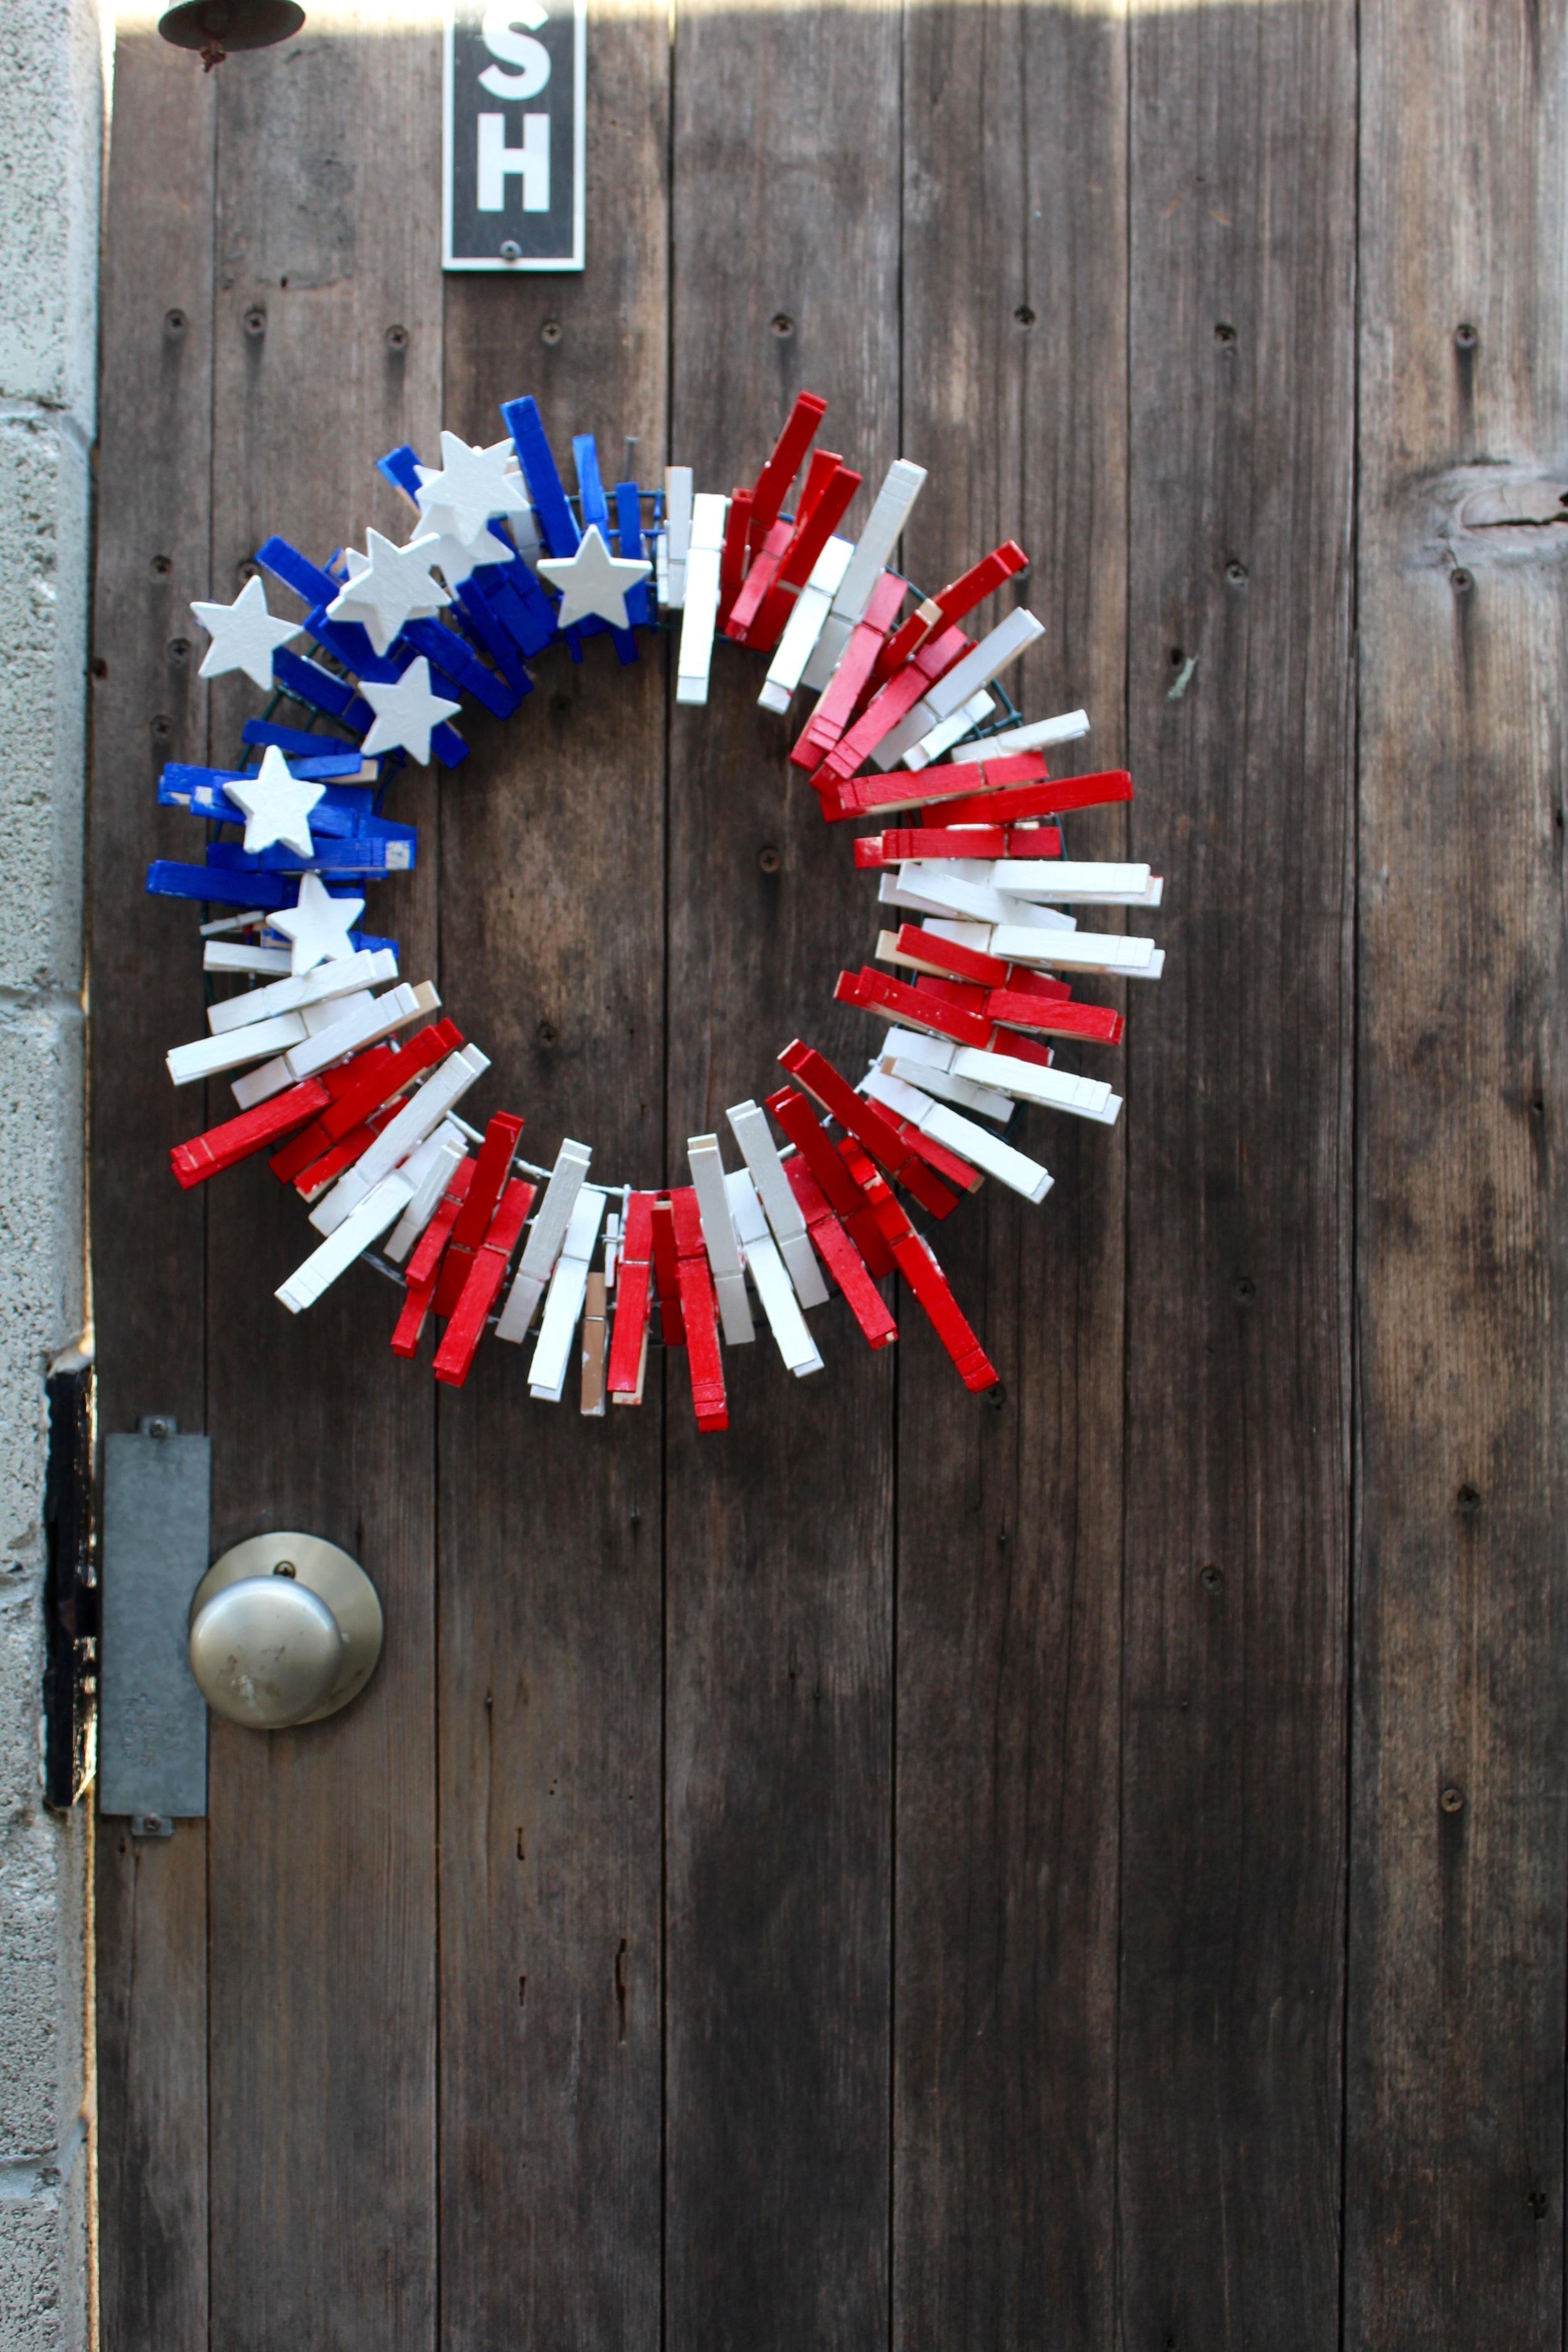 The Rustic Wreath on the Rustic Door.